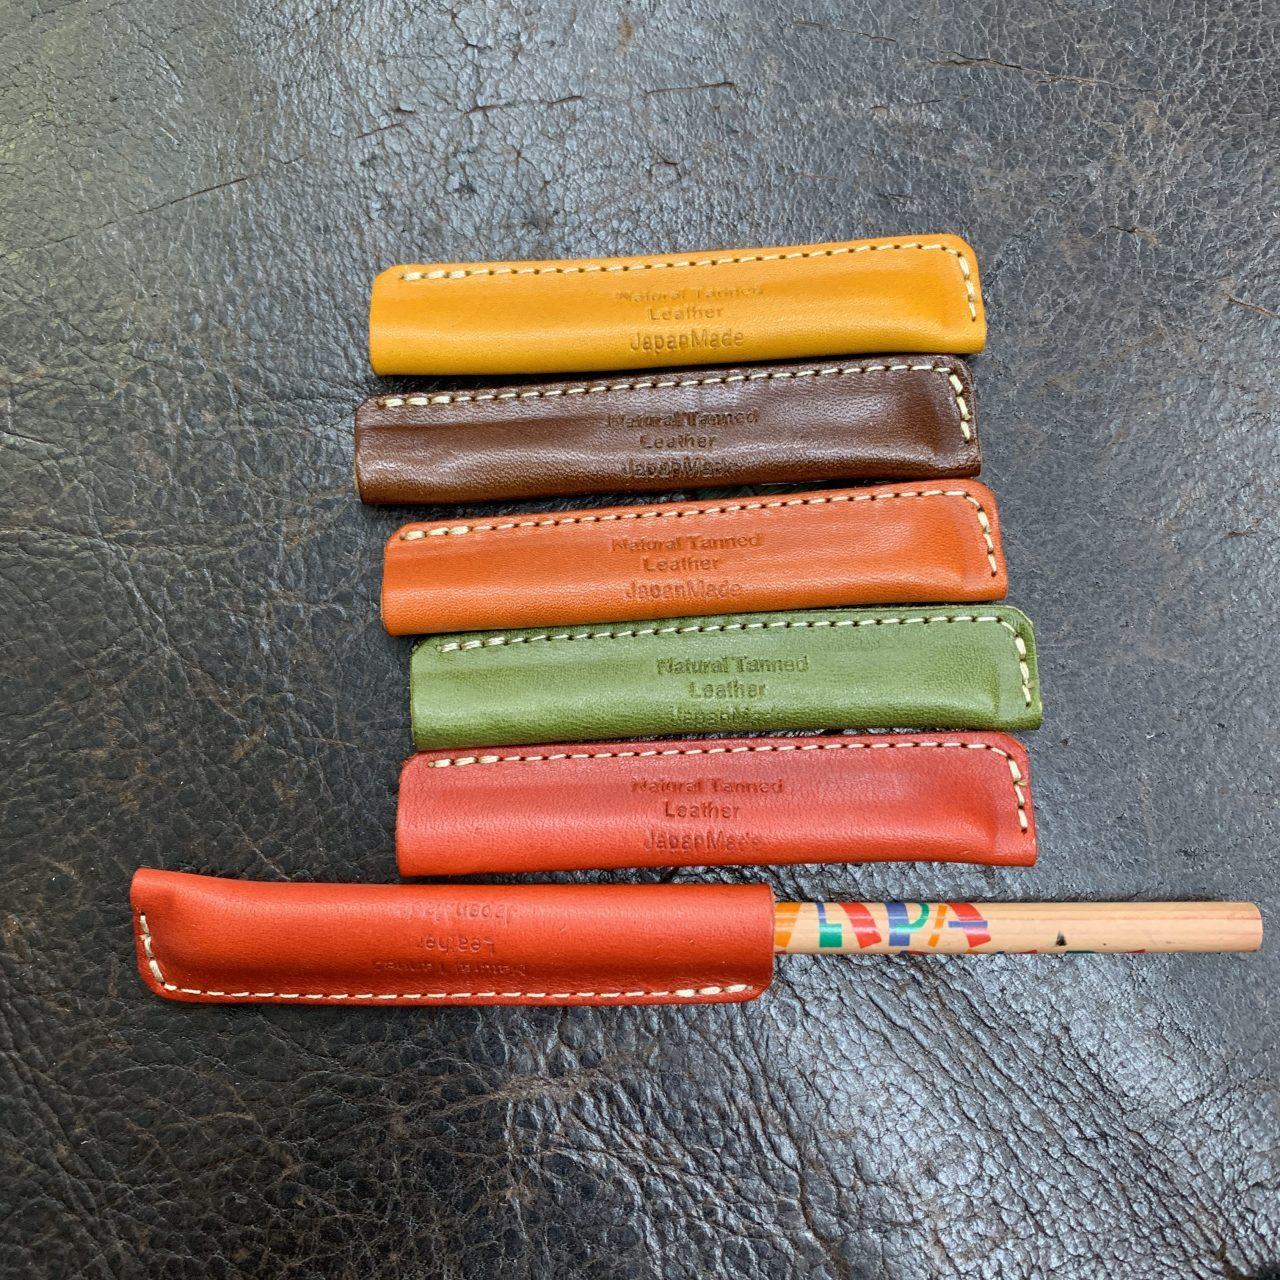 栃木レザー 本革製 ペンキャップ 鉛筆キャップ 鉛筆伸ばし えんぴつ 本革 ステ ーショナリー 文房具 自社生産 日本製 アソート 5本セット 送料無料